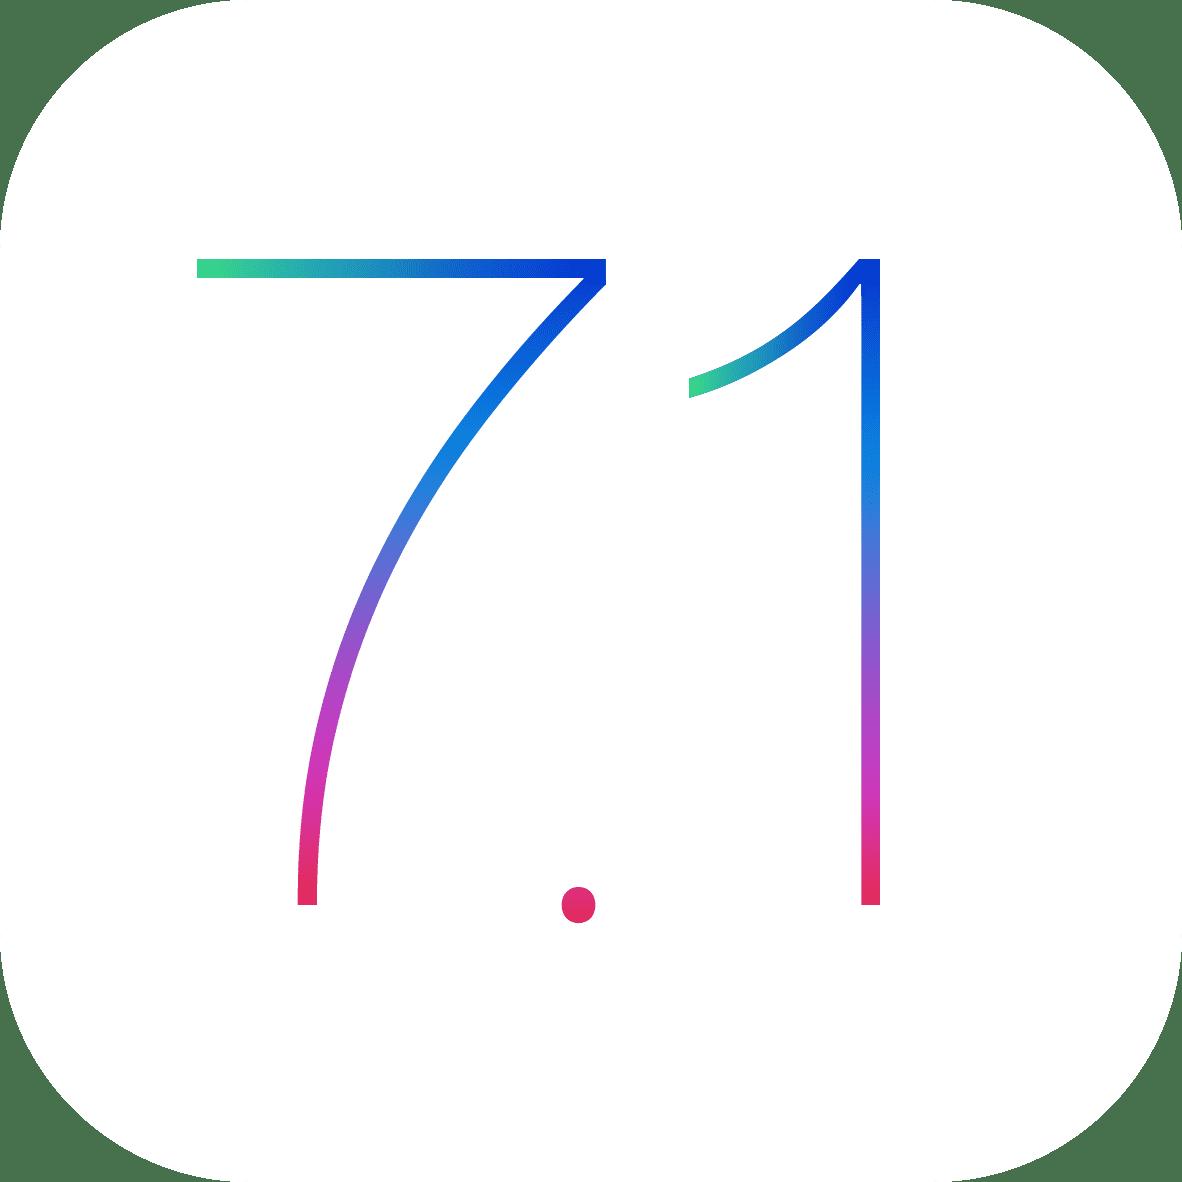 ios 7.1 icon